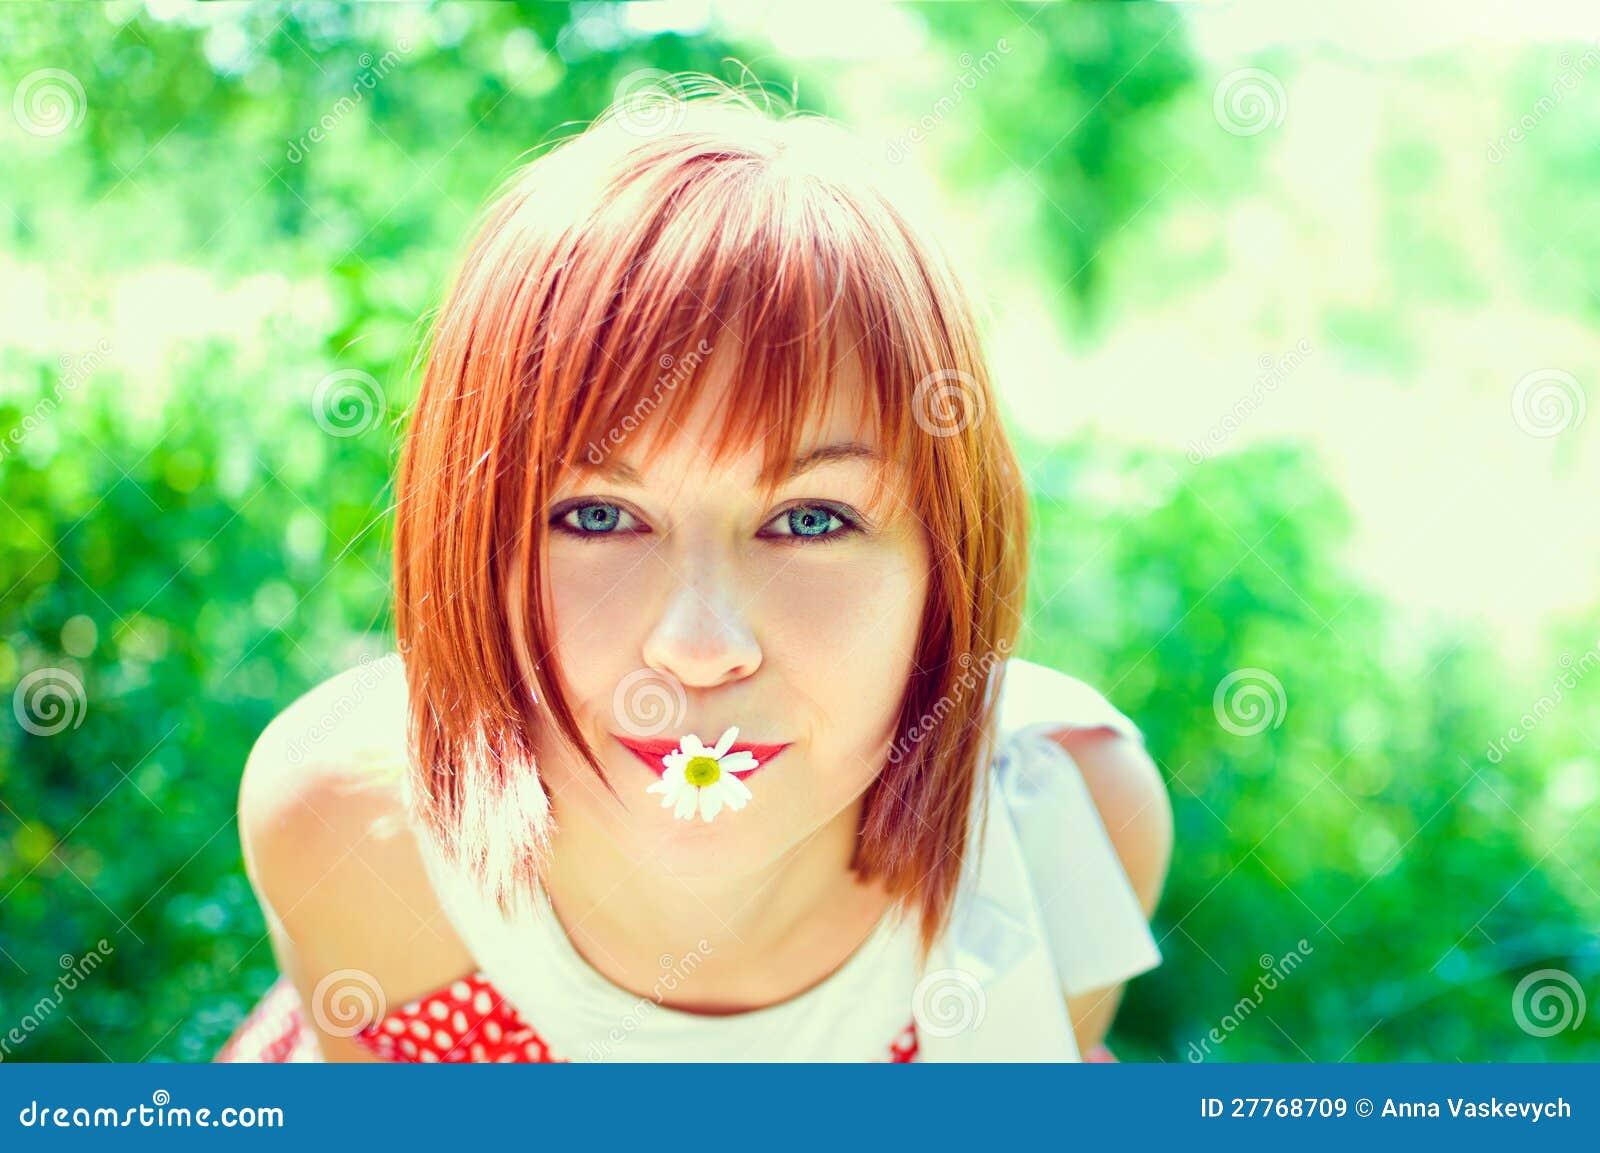 Fille Red-haired avec une fleur dans sa bouche